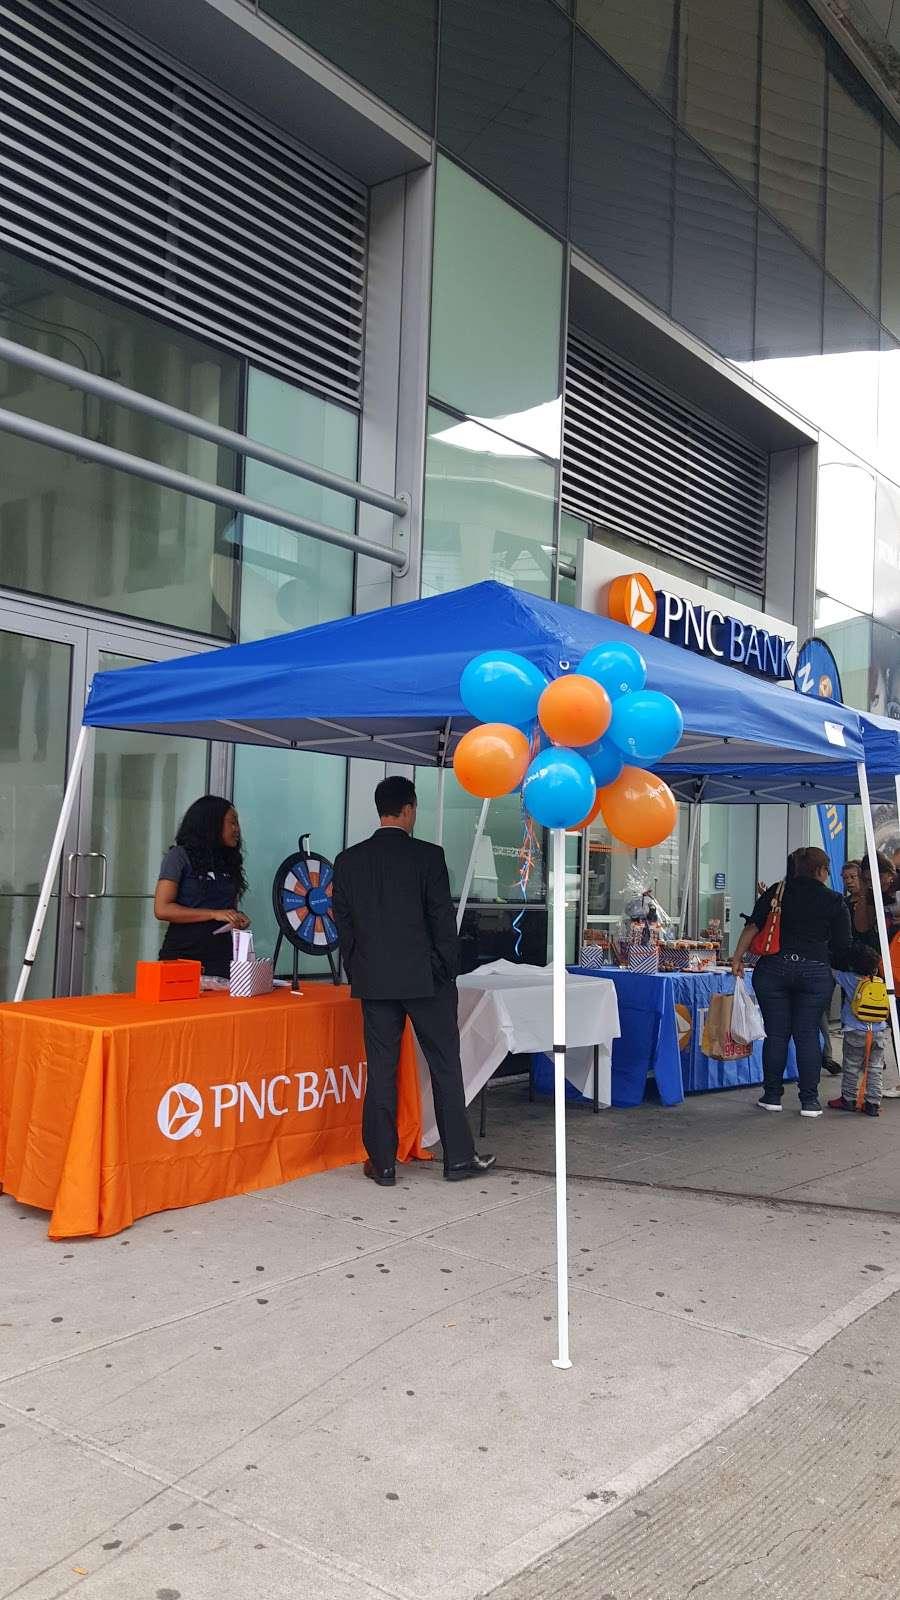 PNC Bank - bank  | Photo 1 of 4 | Address: 4206-b, Broadway, New York, NY 10034, USA | Phone: (212) 444-0000